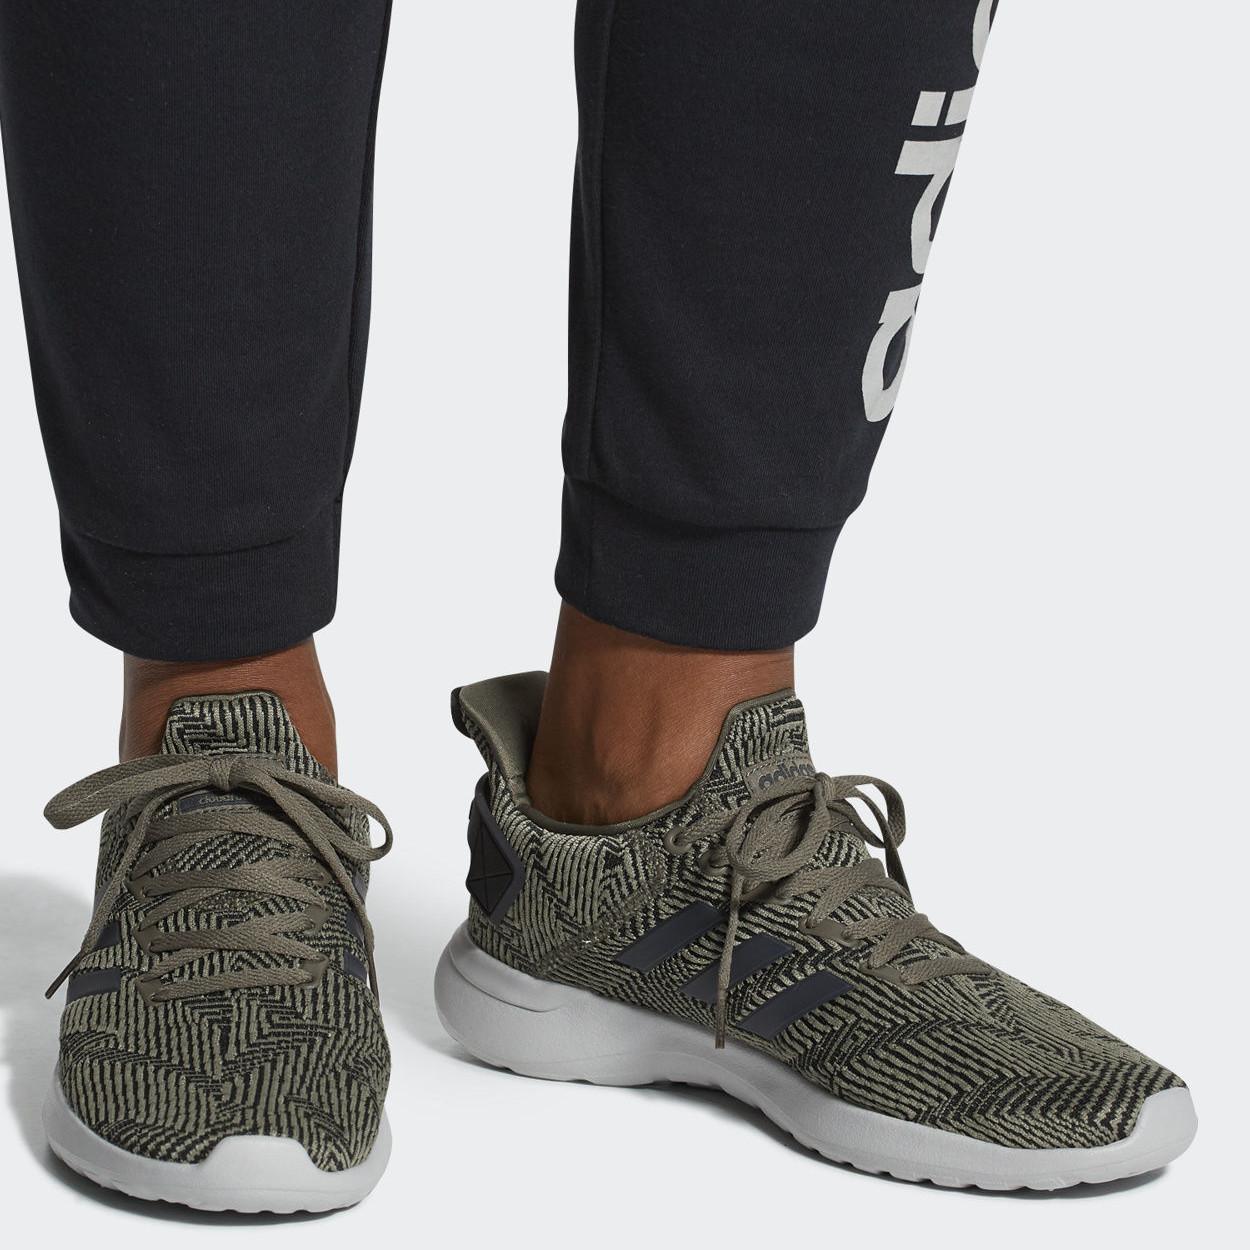 Adidas Scarpe Sneakers Trainers Sportive Ginnastica Tennis CF Lite racer Byd